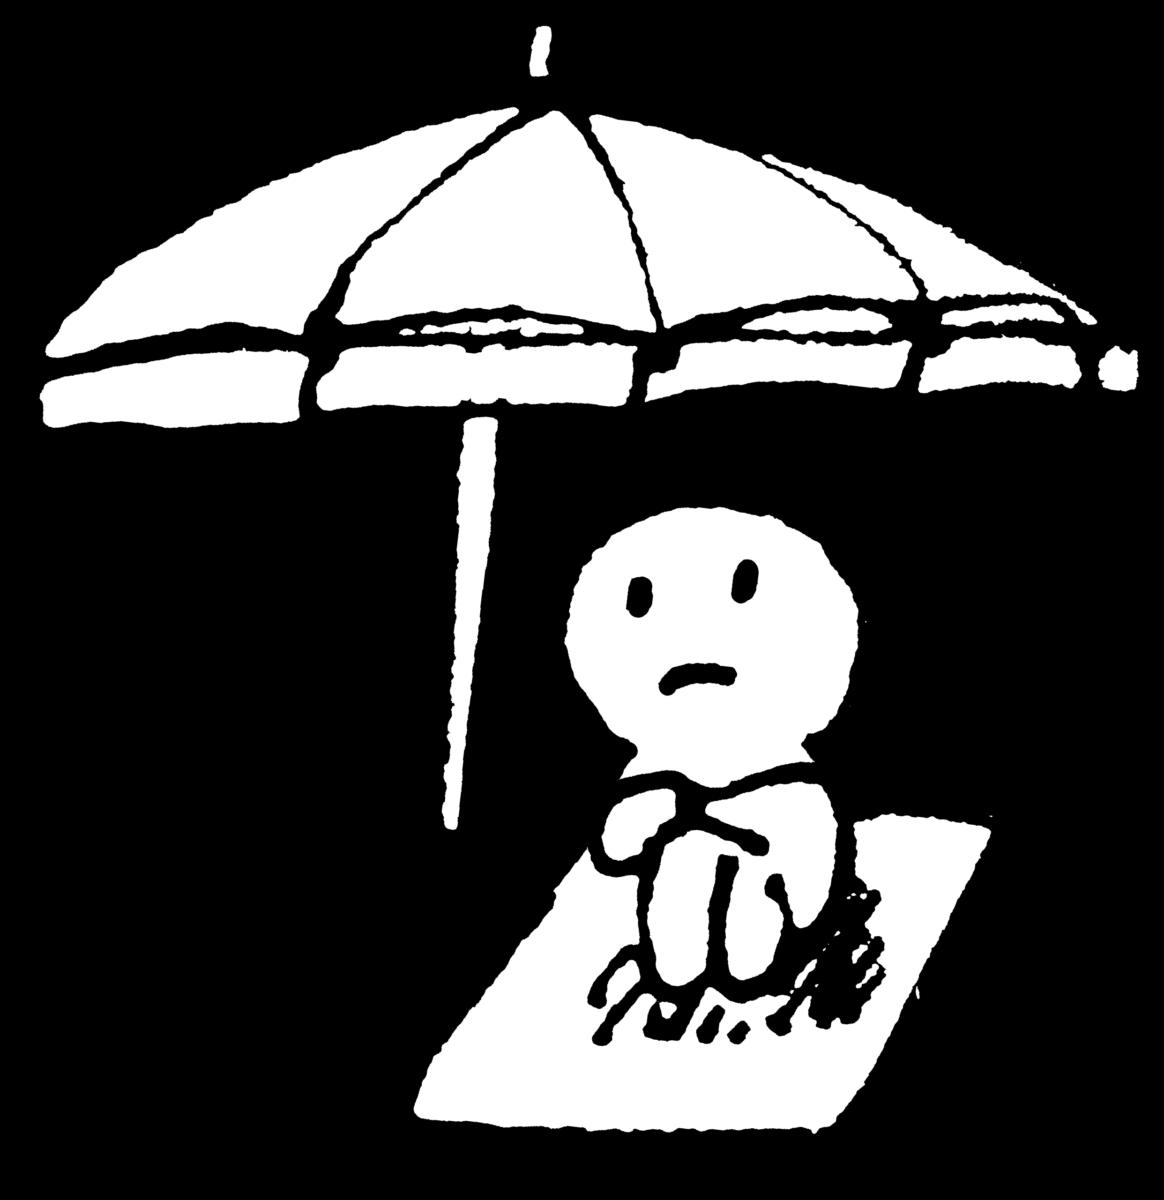 ビーチパラソルの下でのイラスト Under the beach umbrella